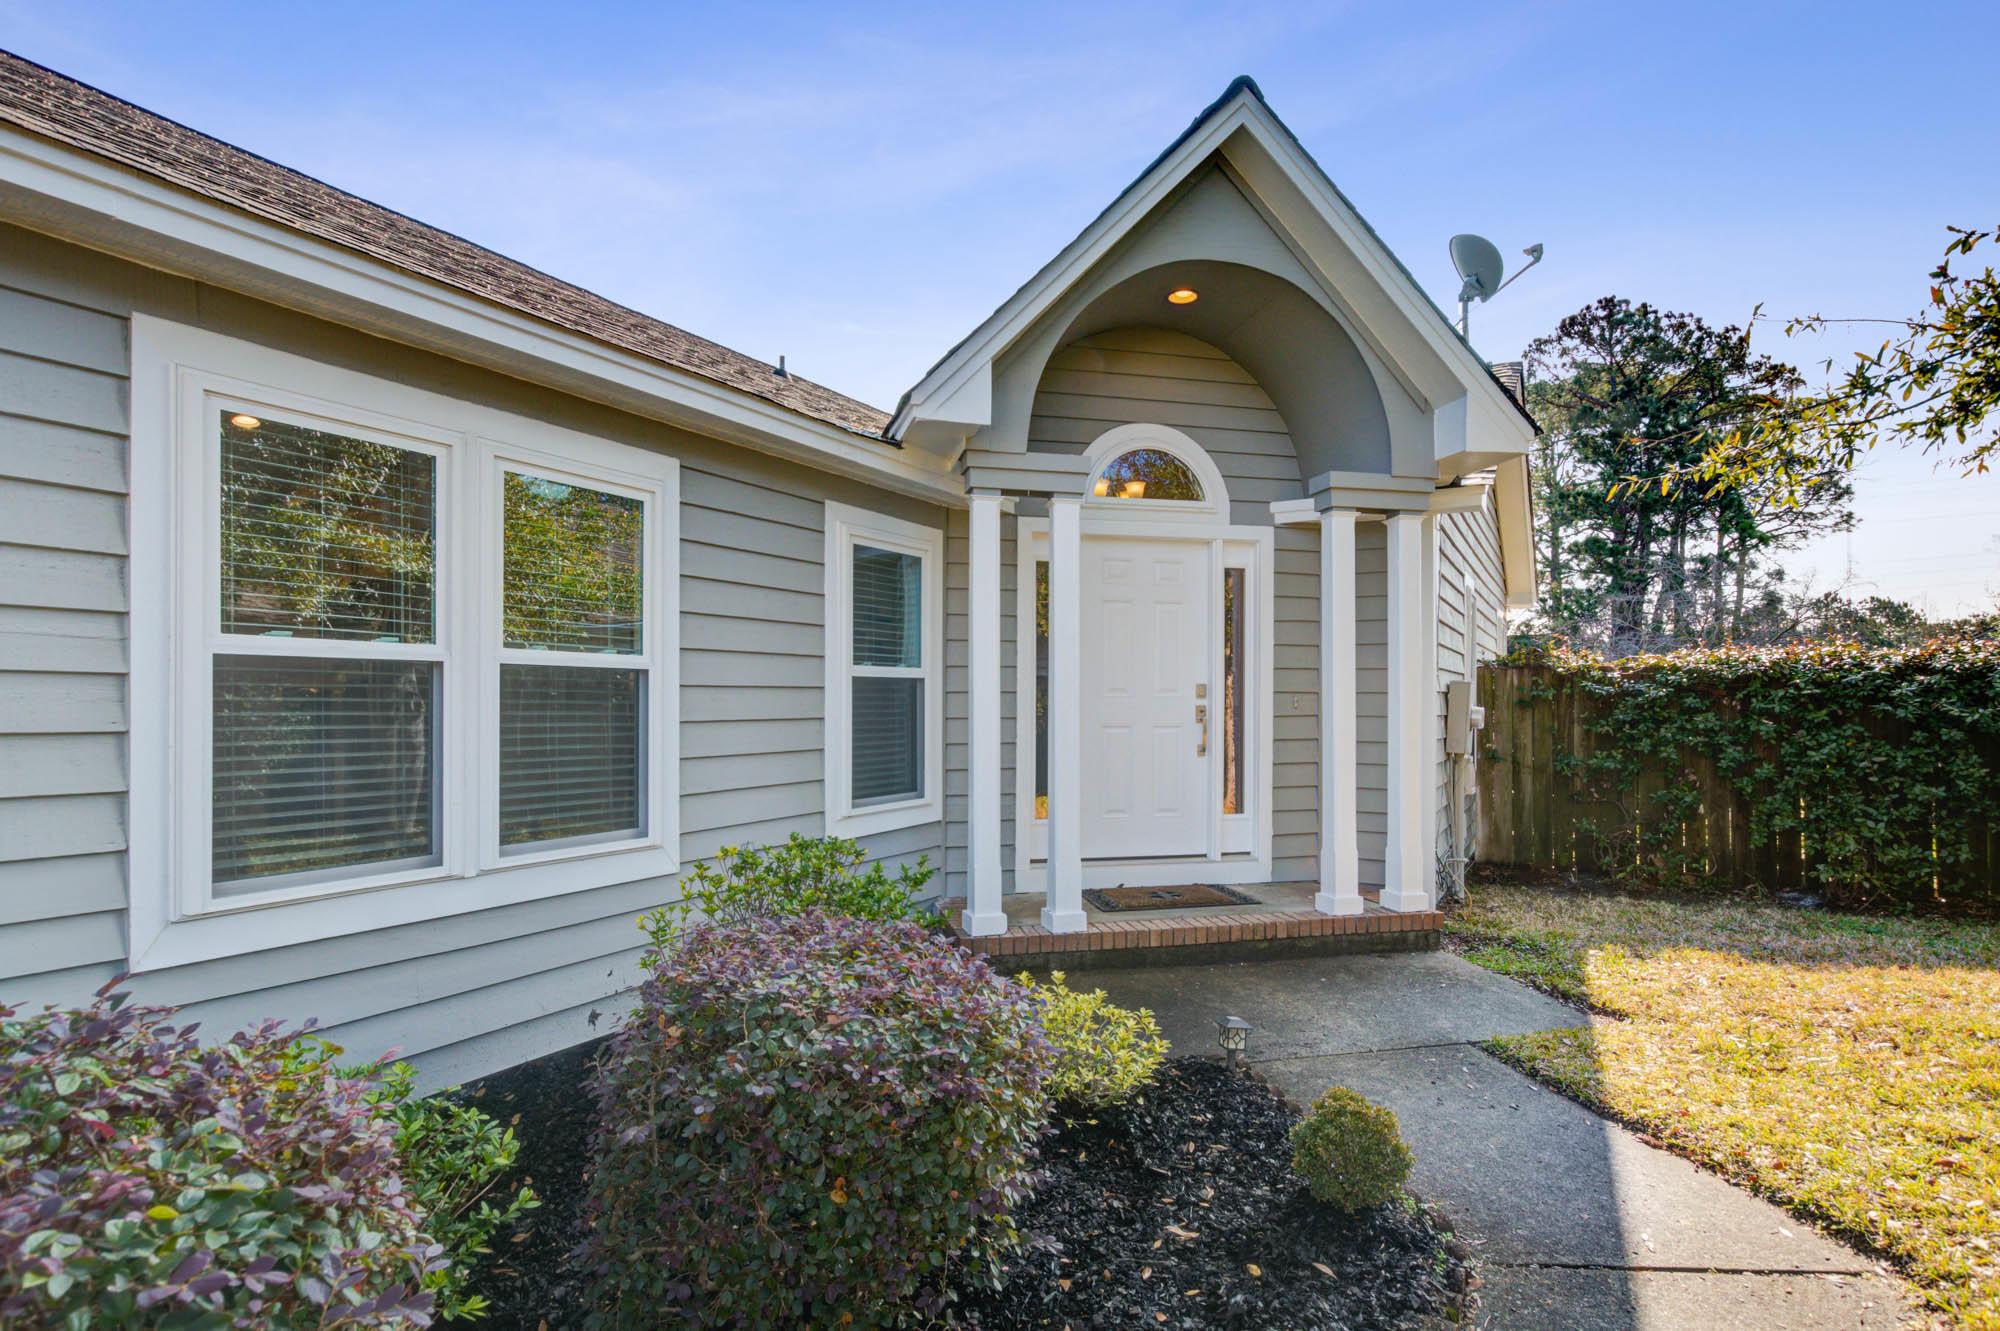 Chelsea Park Homes For Sale - 1309 Pilsdon, Mount Pleasant, SC - 28